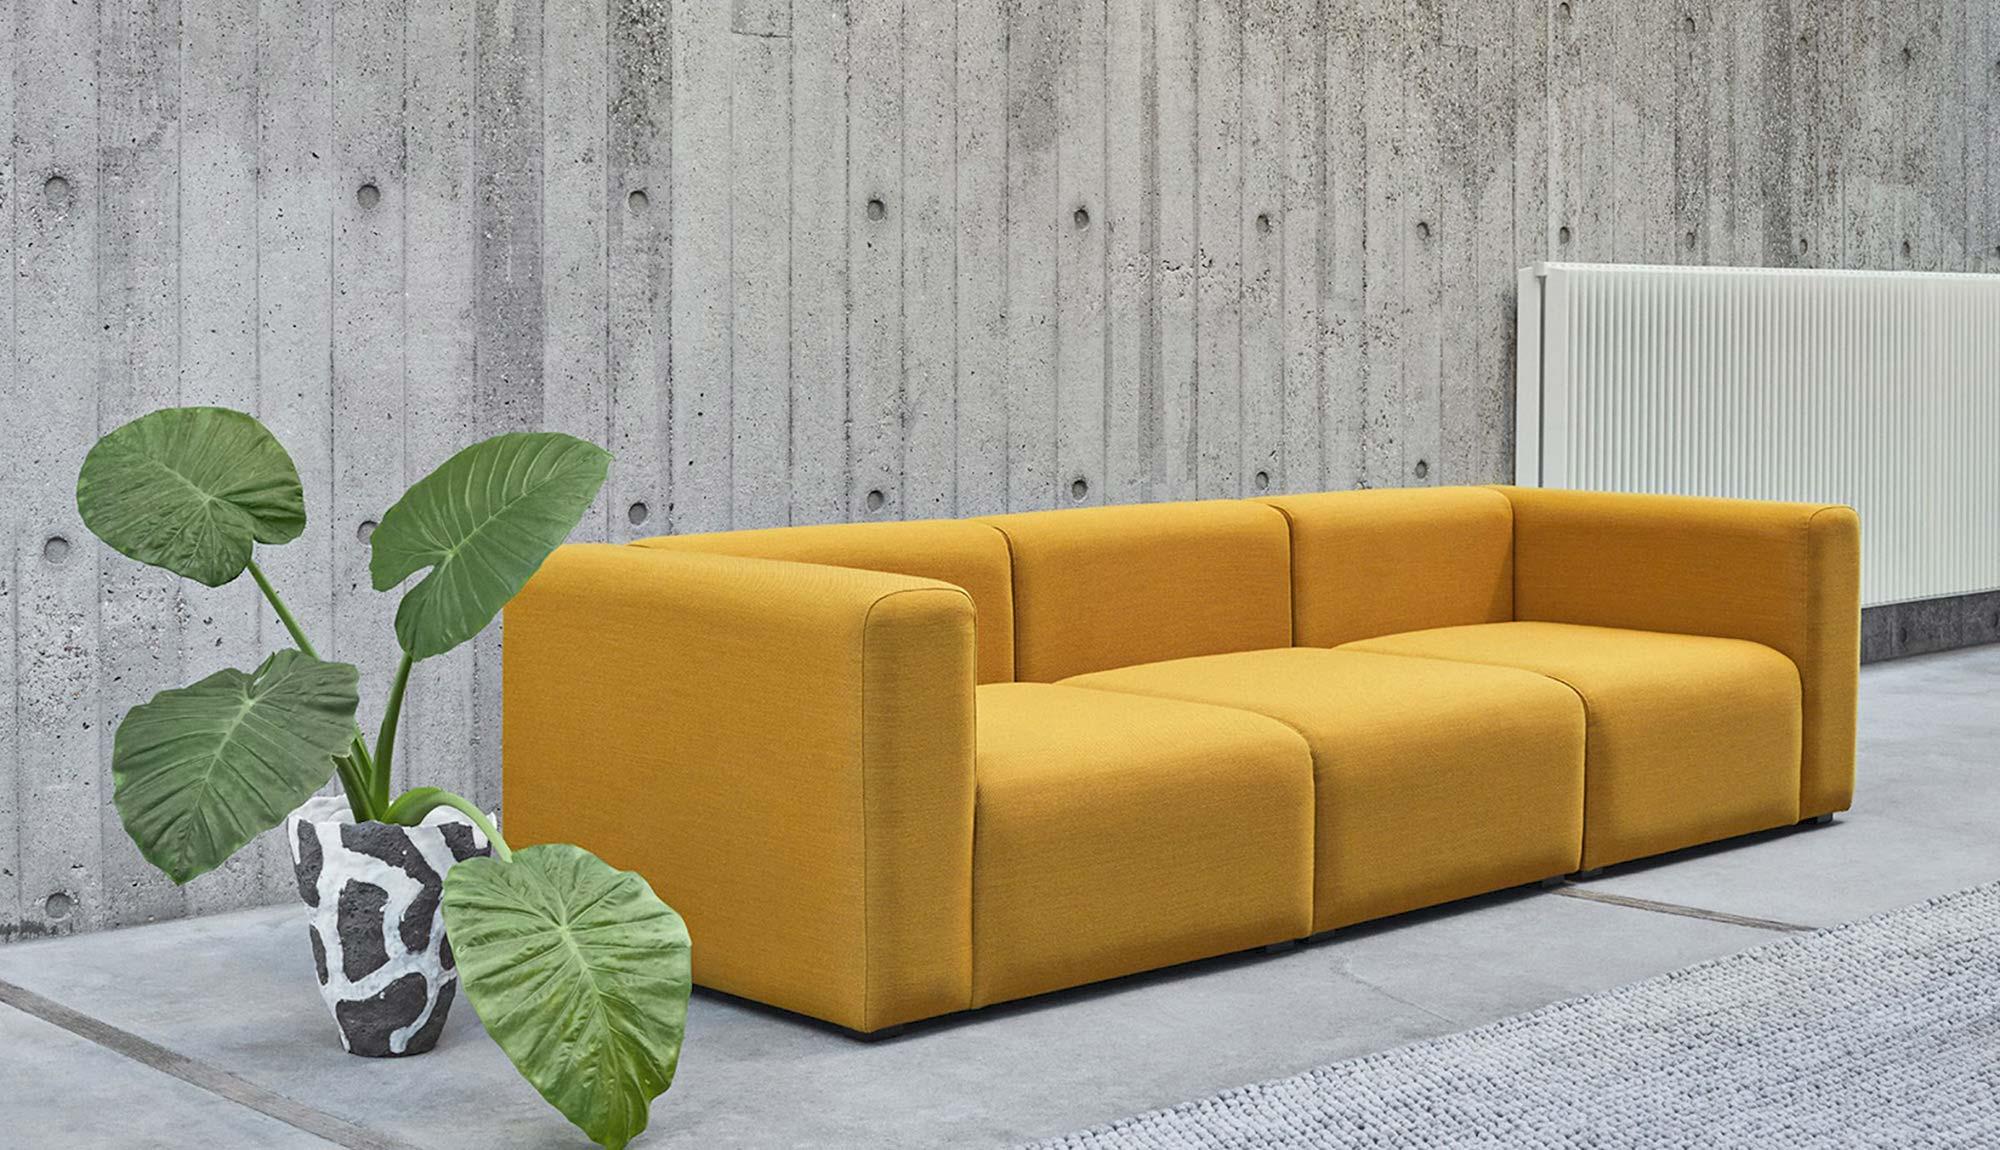 Canapé jaune : 25 idées déco pour le salon